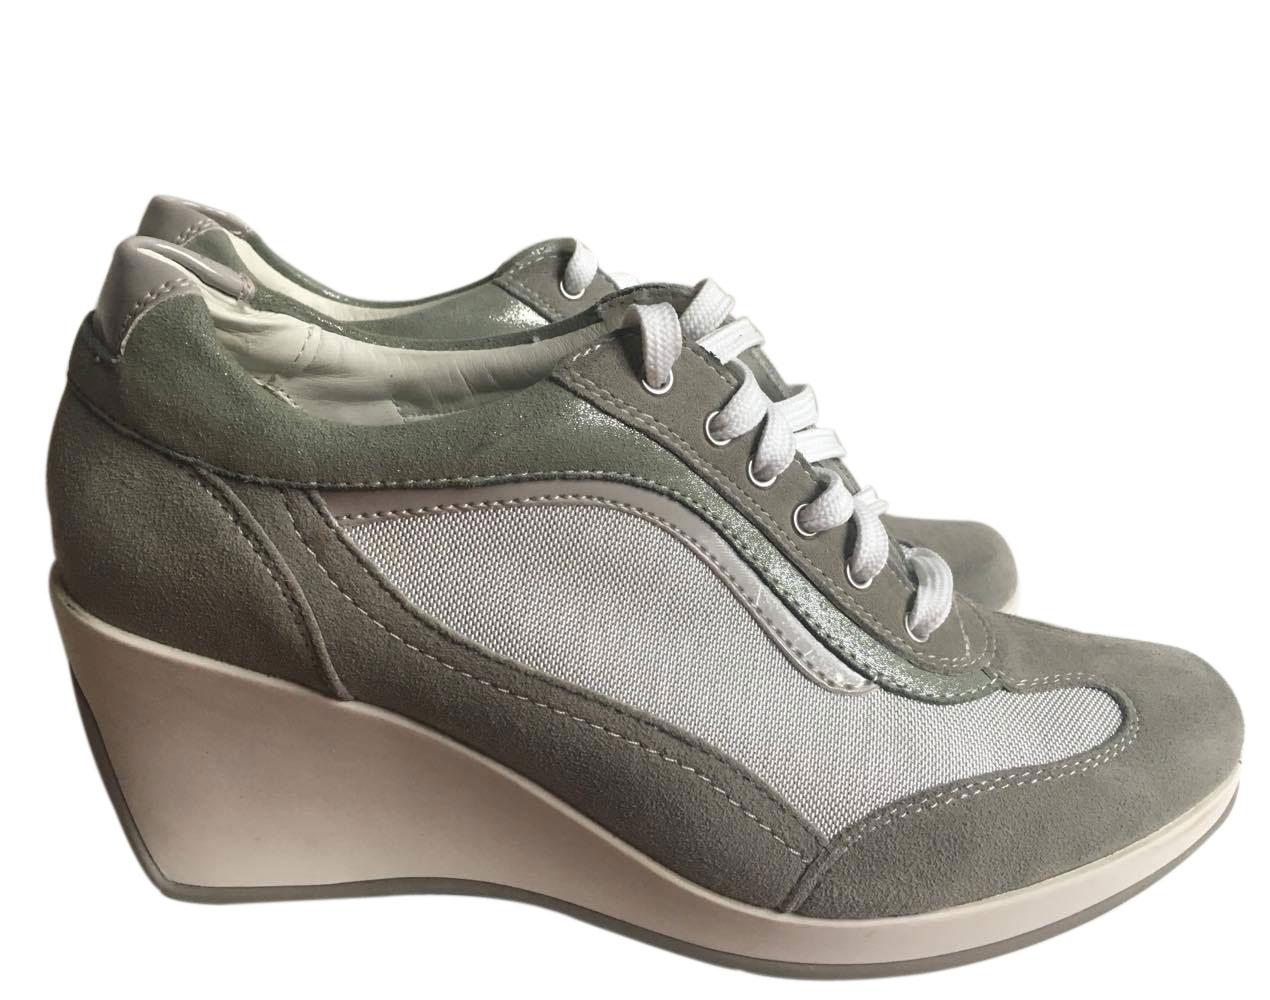 Geox Schuhe mit Keil : MyPrivateDressing Schweiz. Kaufen und verkaufen Sie Ihre Secondhand Designermode und Uhren. Kostenlose Anzeige Garantierte